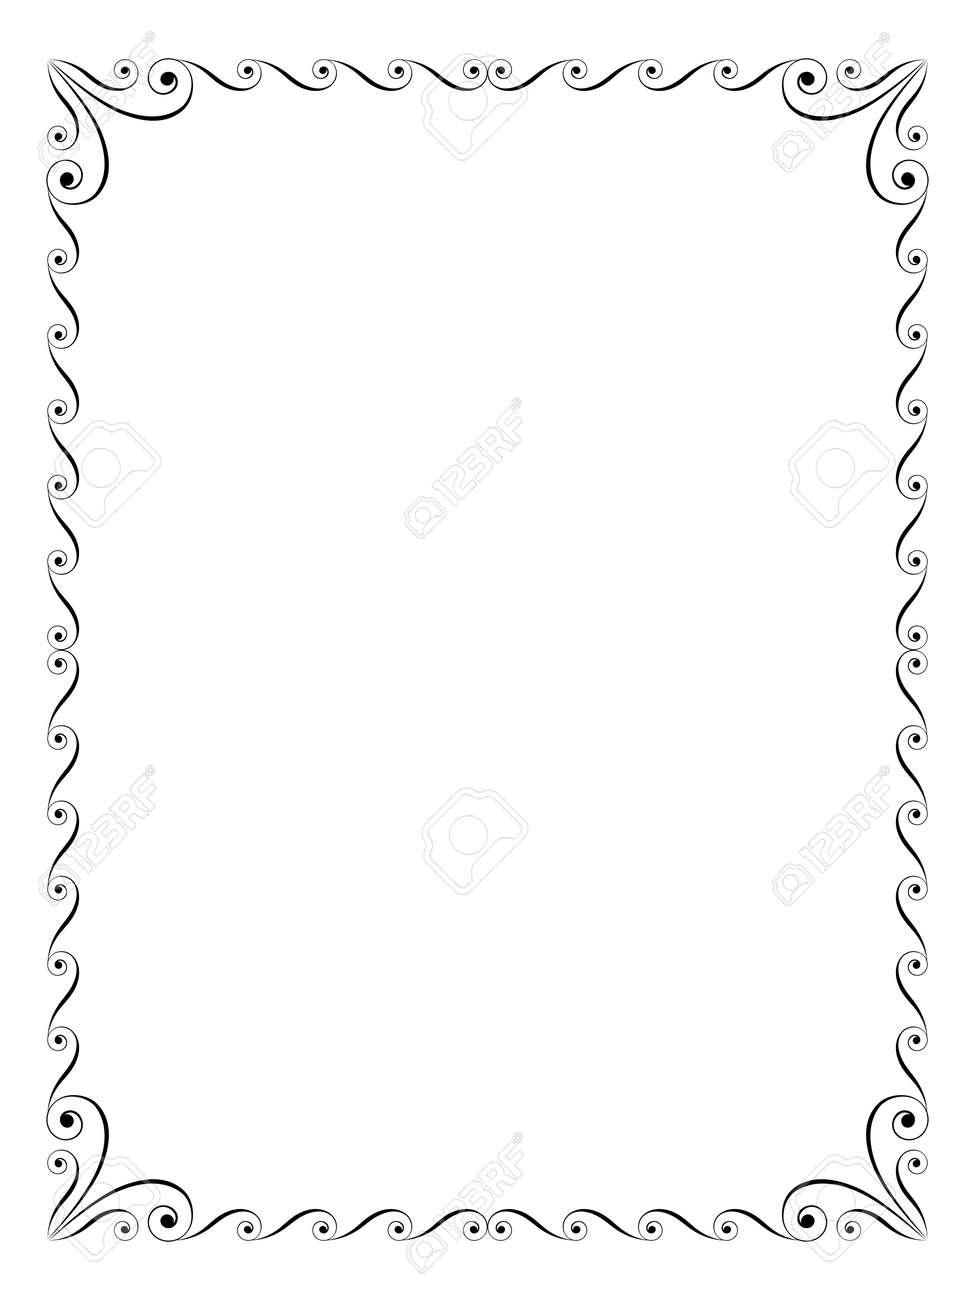 書道ペン習字観賞デコ フレーム ブラックのイラスト素材ベクタ Image